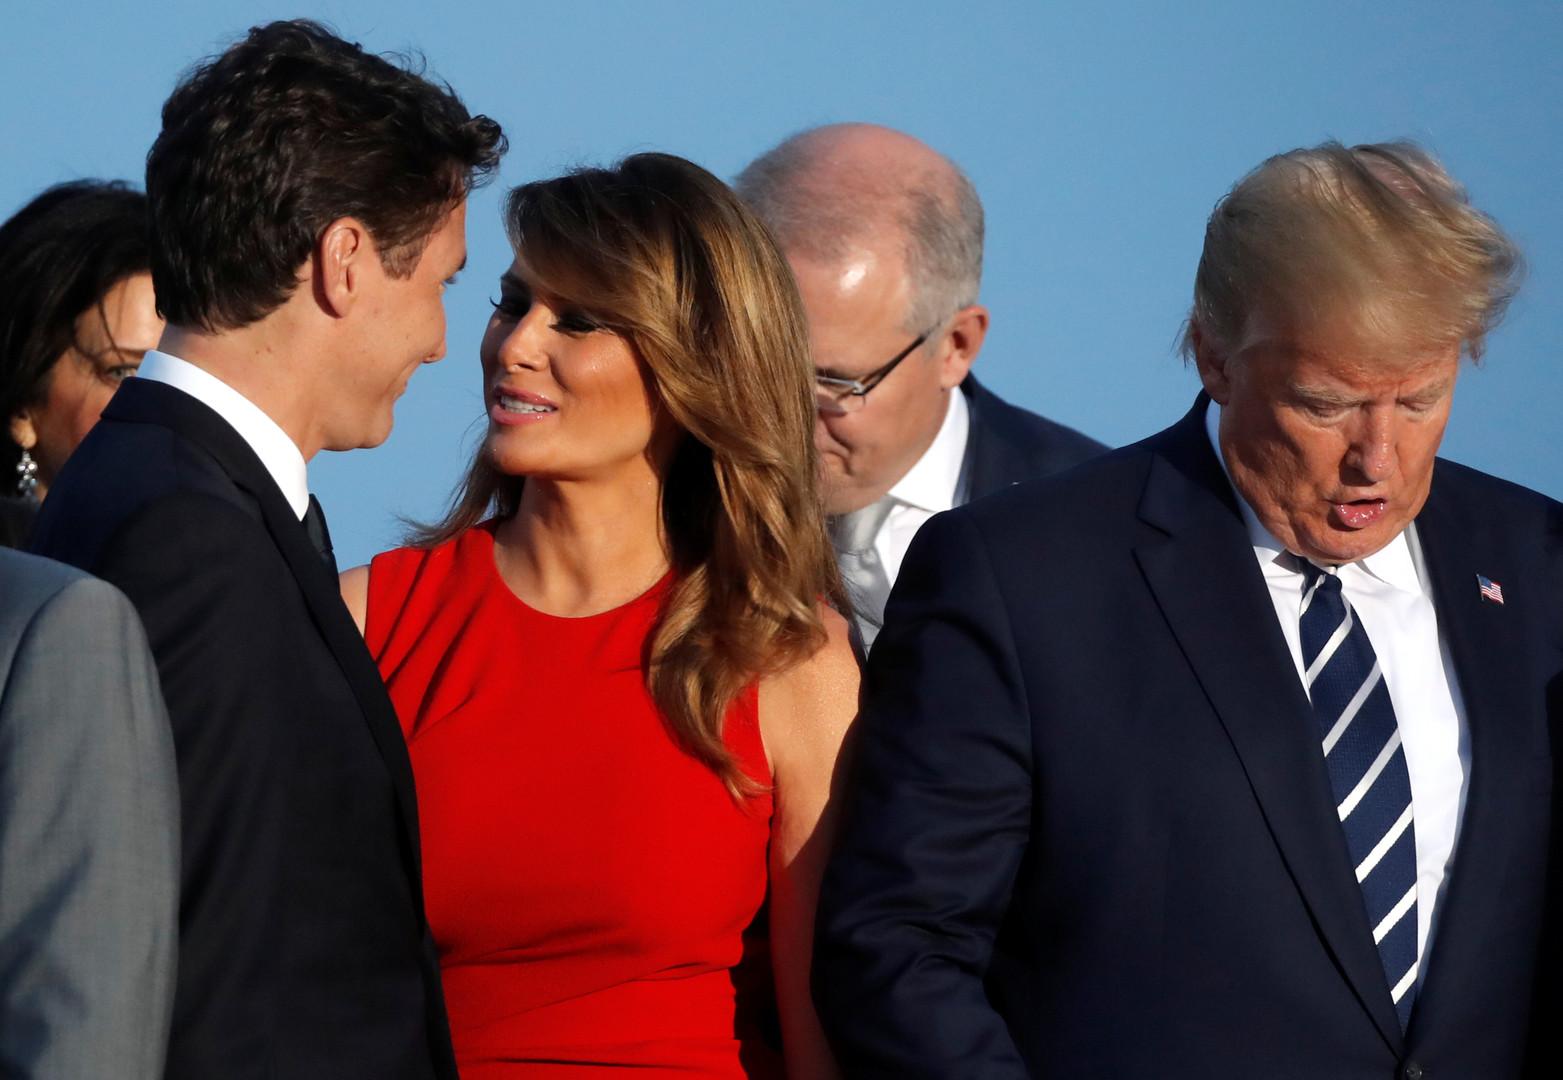 ميلانيا مع ترودو وترامب مع زوجة ماكرون.. تبادل القبلات يخطف اهتمام الإعلام في قمة